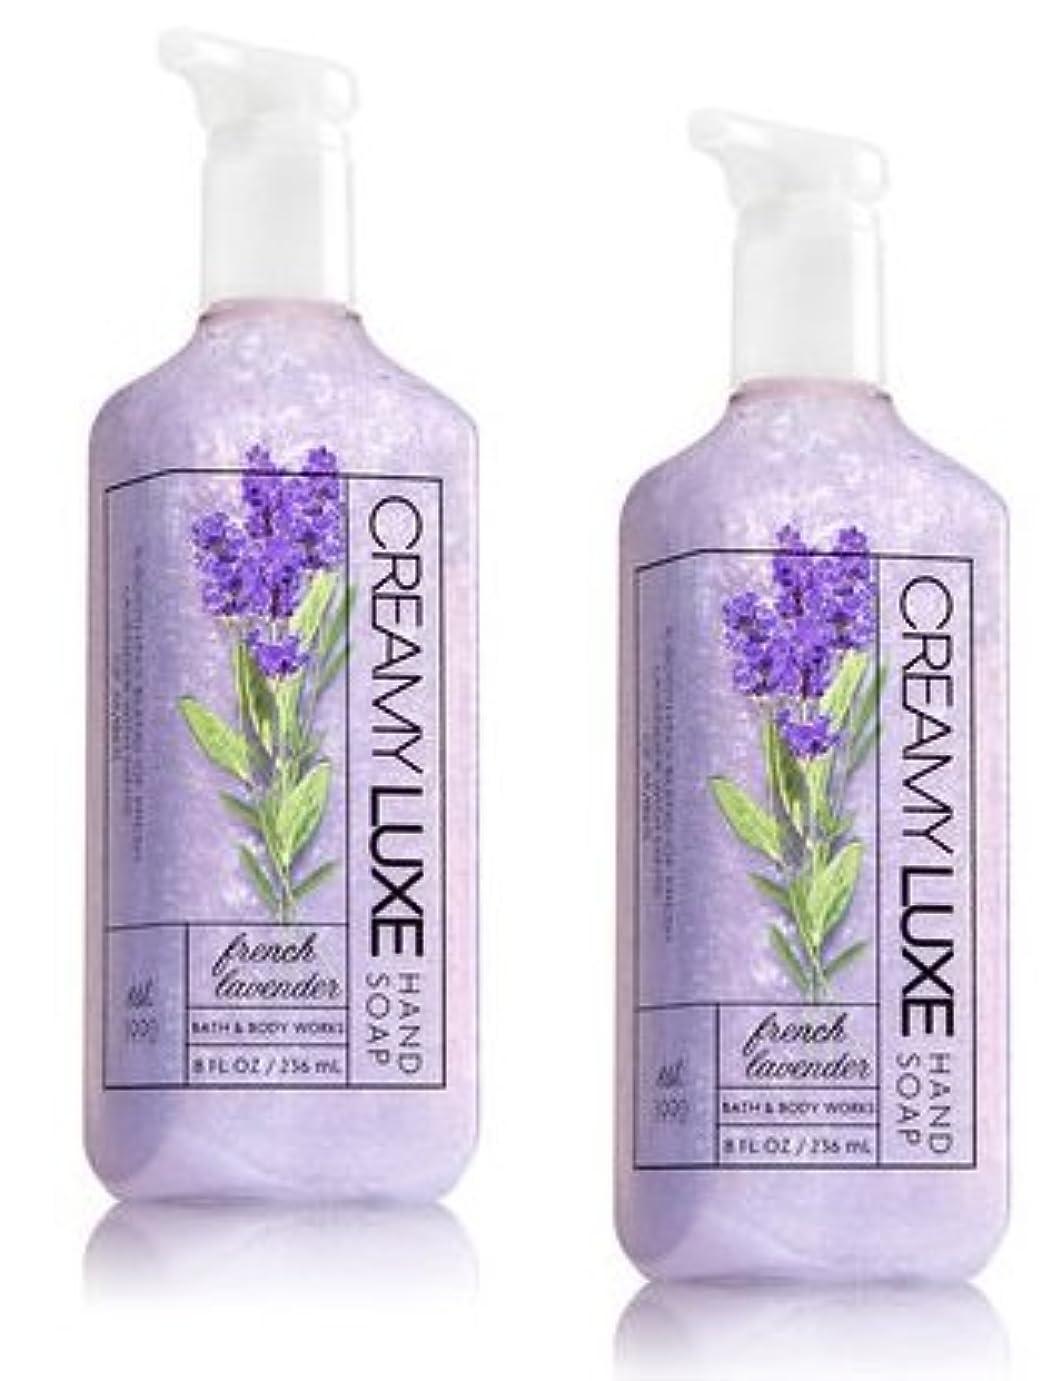 許す下るメトロポリタンBath & Body Works フレンチラベンダー クリーミー リュクス ハンドソープ 2本セット French Lavender Creamy Luxe Hand Soap. 8 oz [並行輸入品]